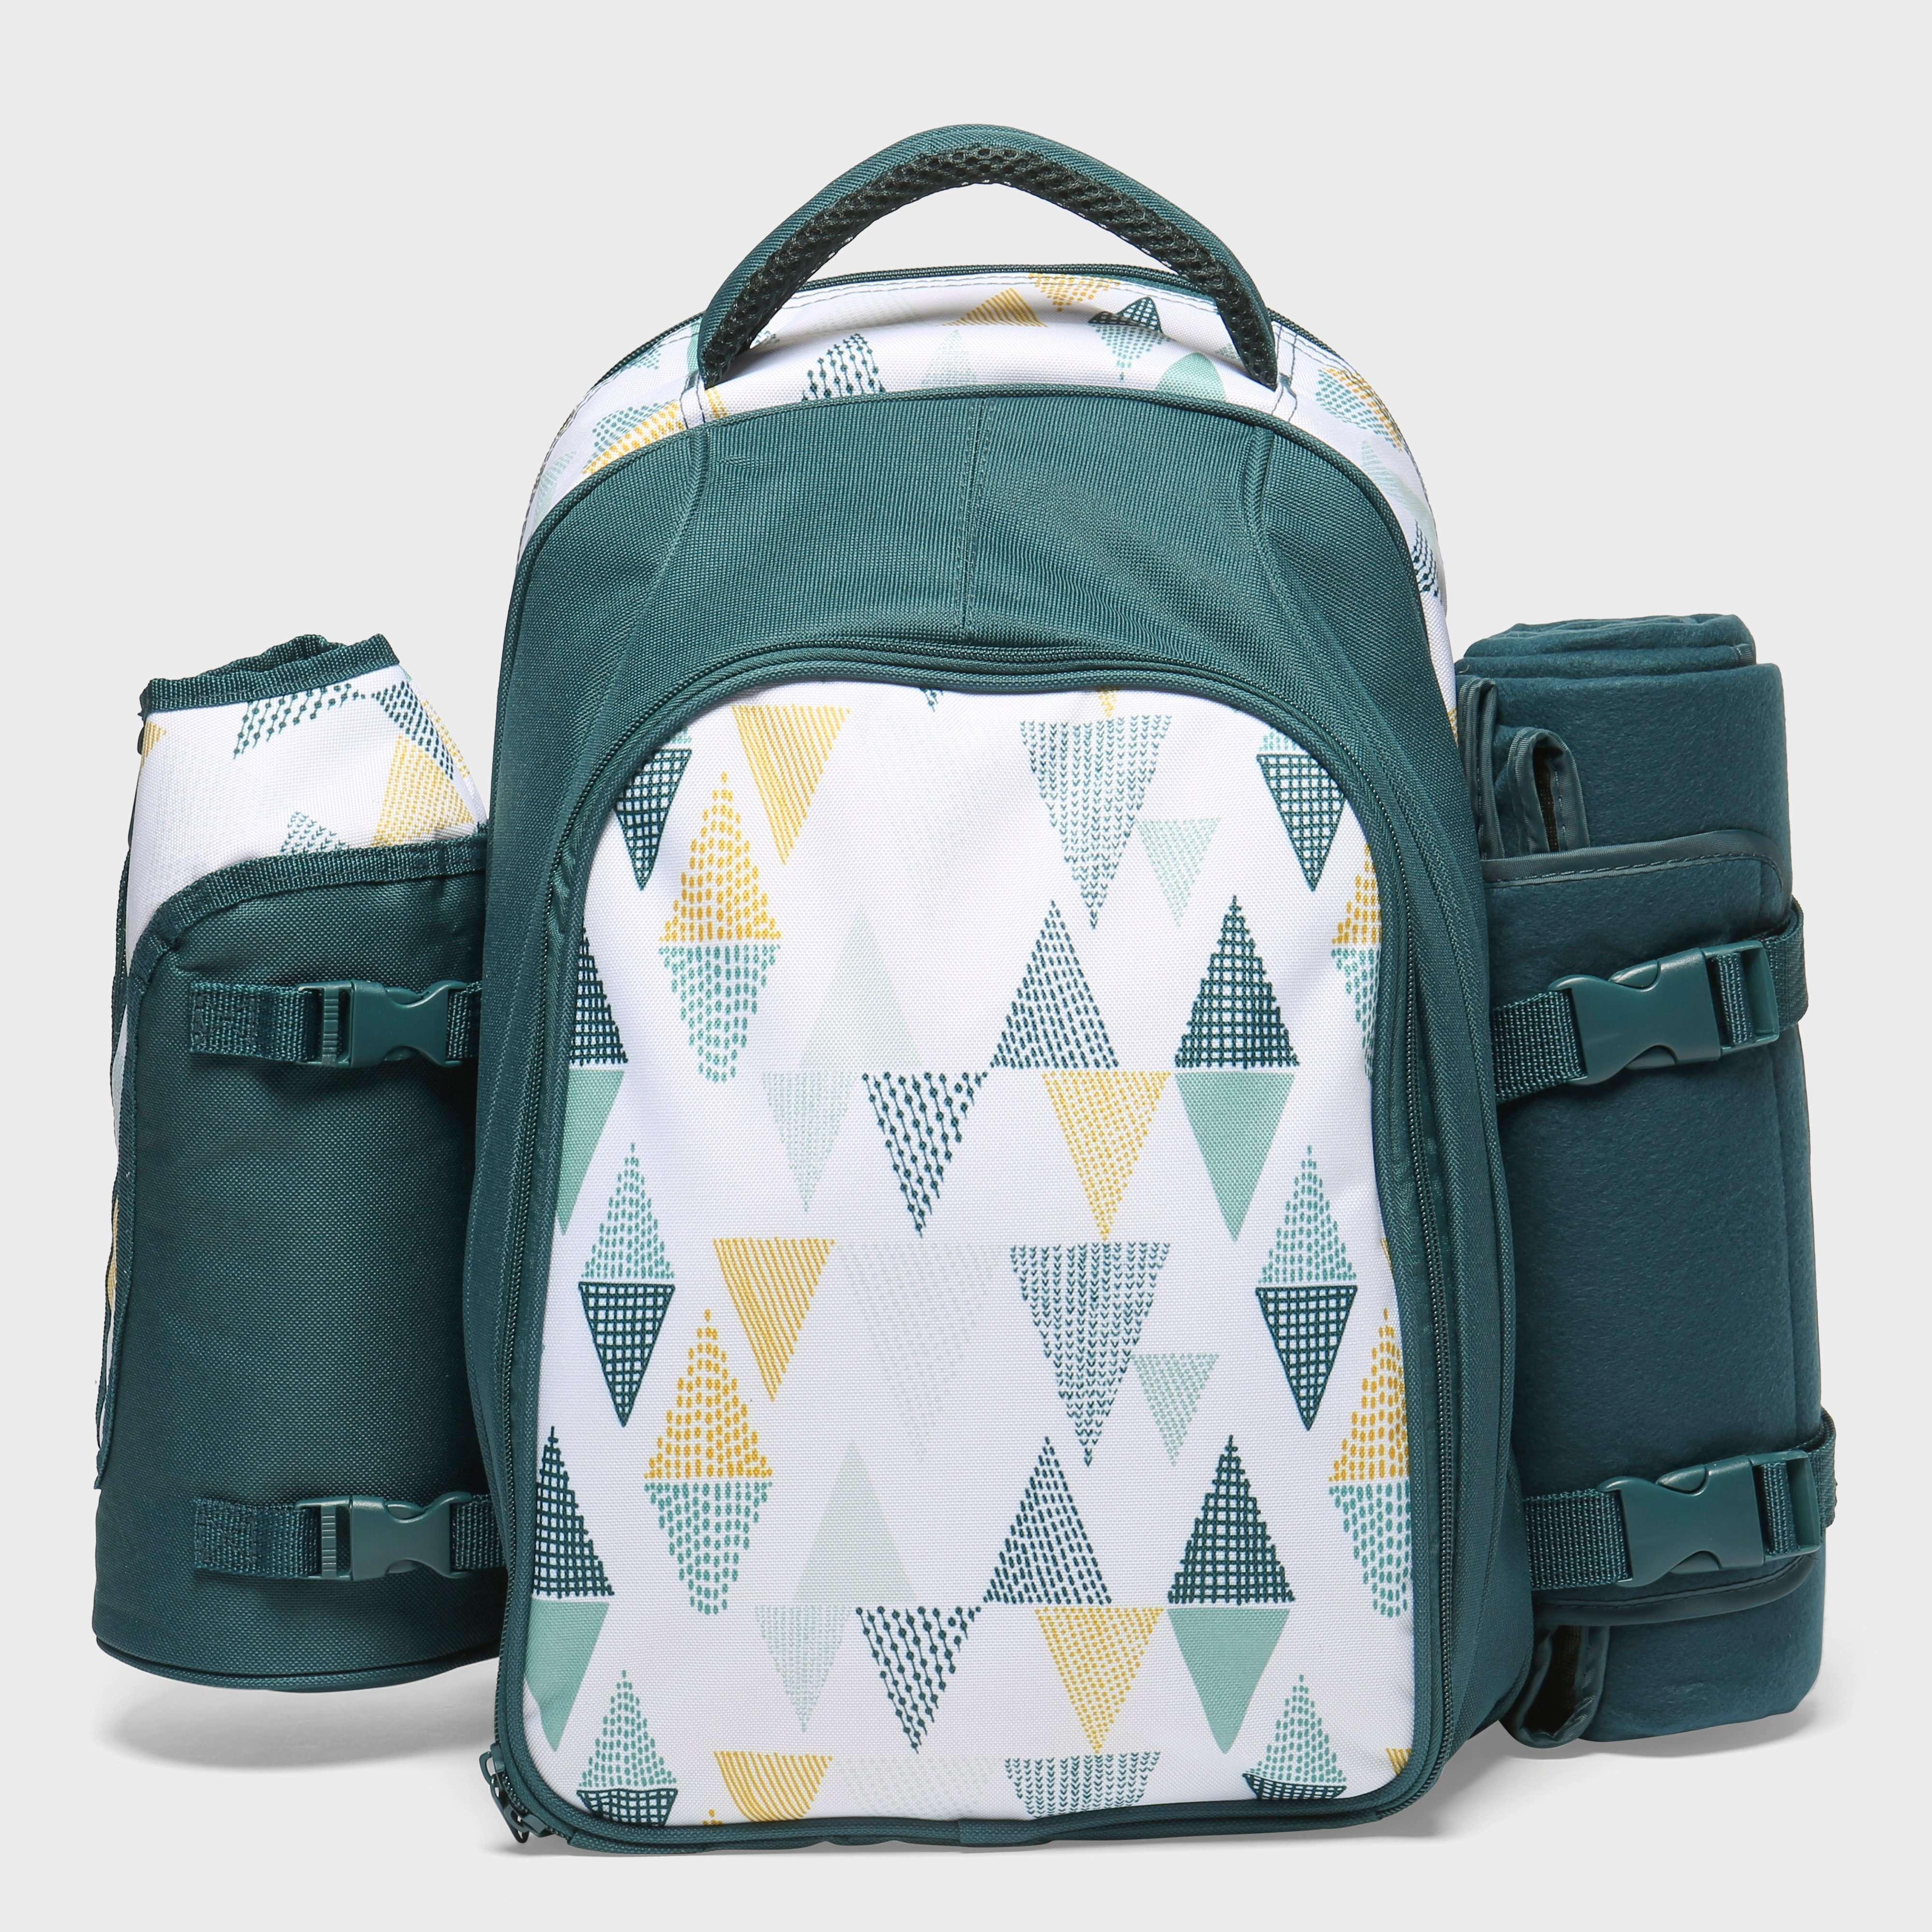 EUROHIKE Picnic Backpack